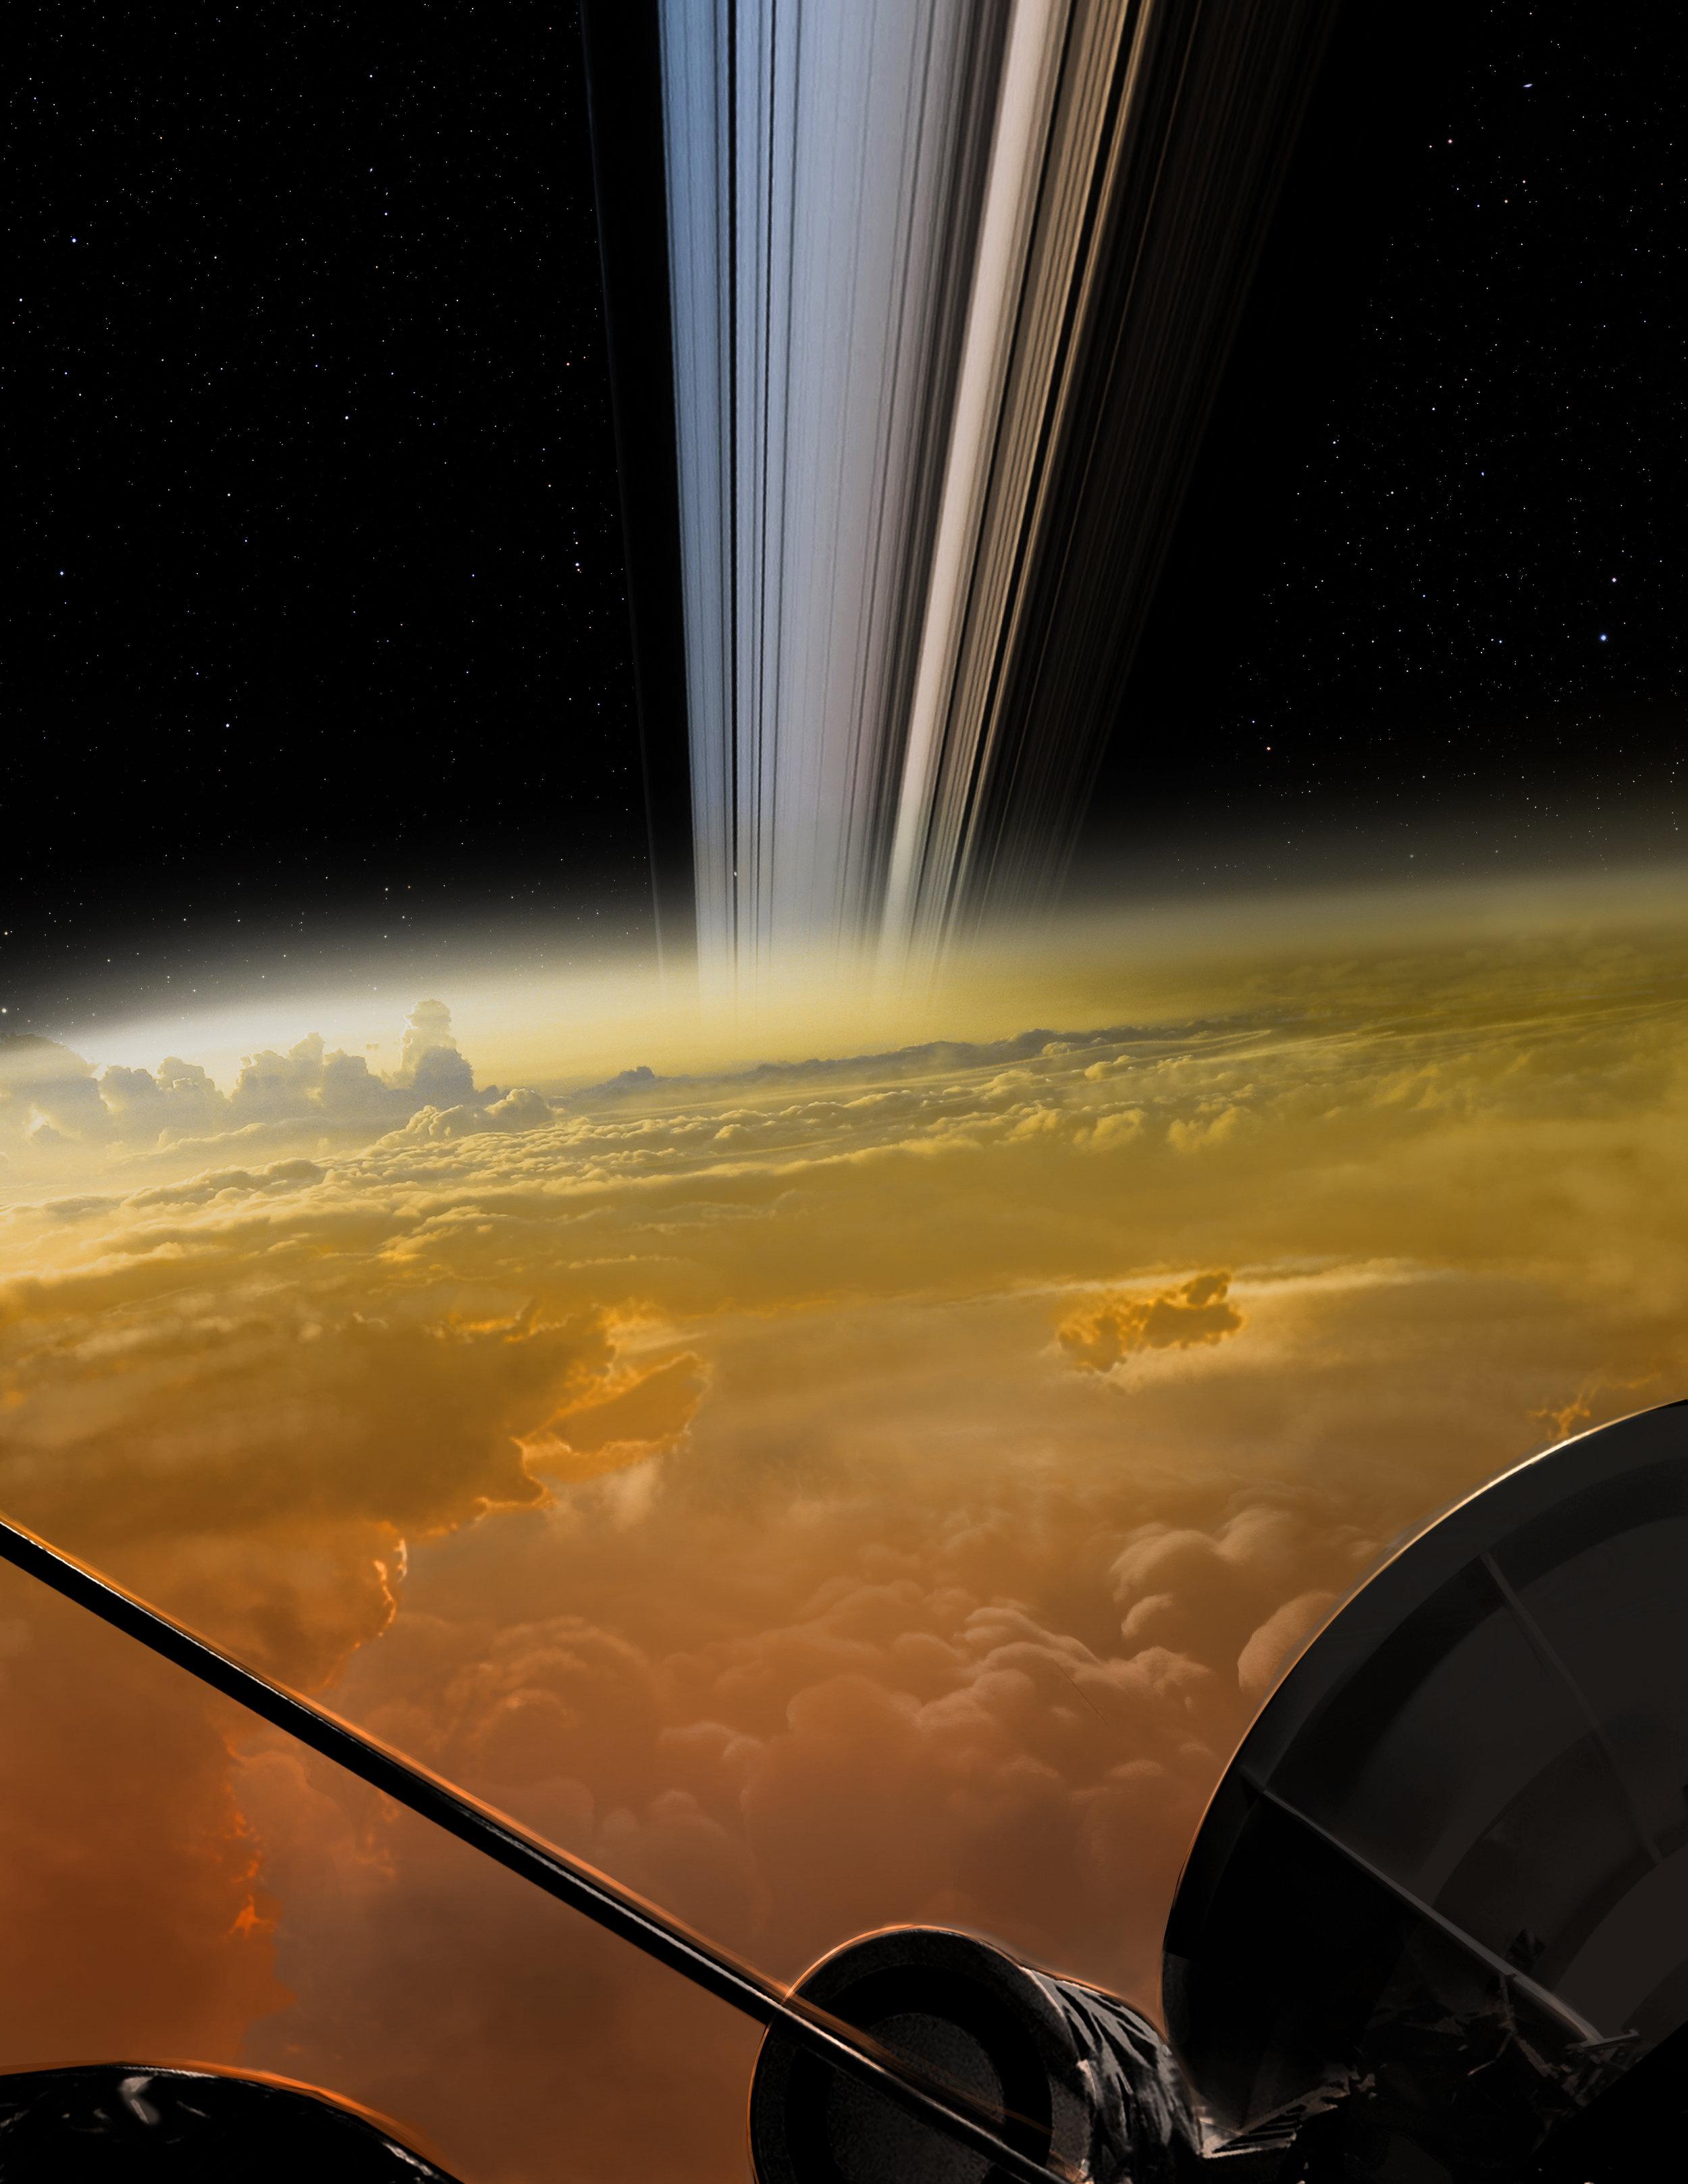 7639_Cassini_A.jpg